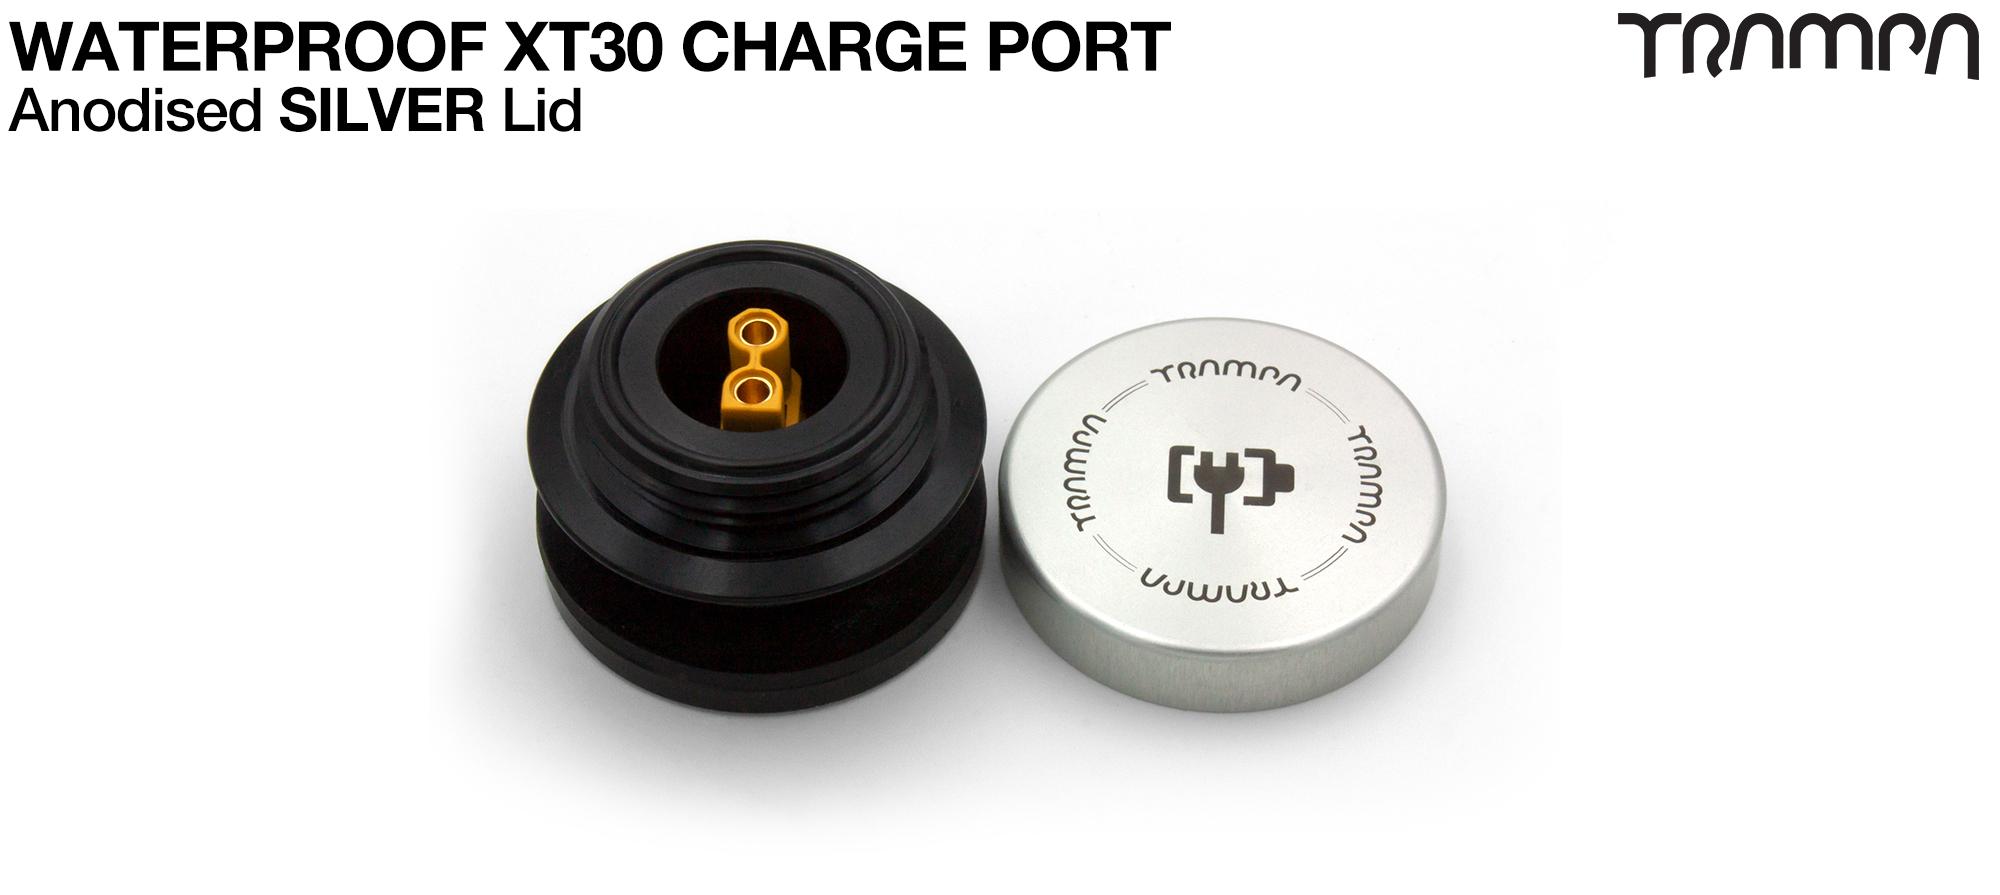 ORRSOM GT XT30 WATERPROOF Charge Port - SILVER